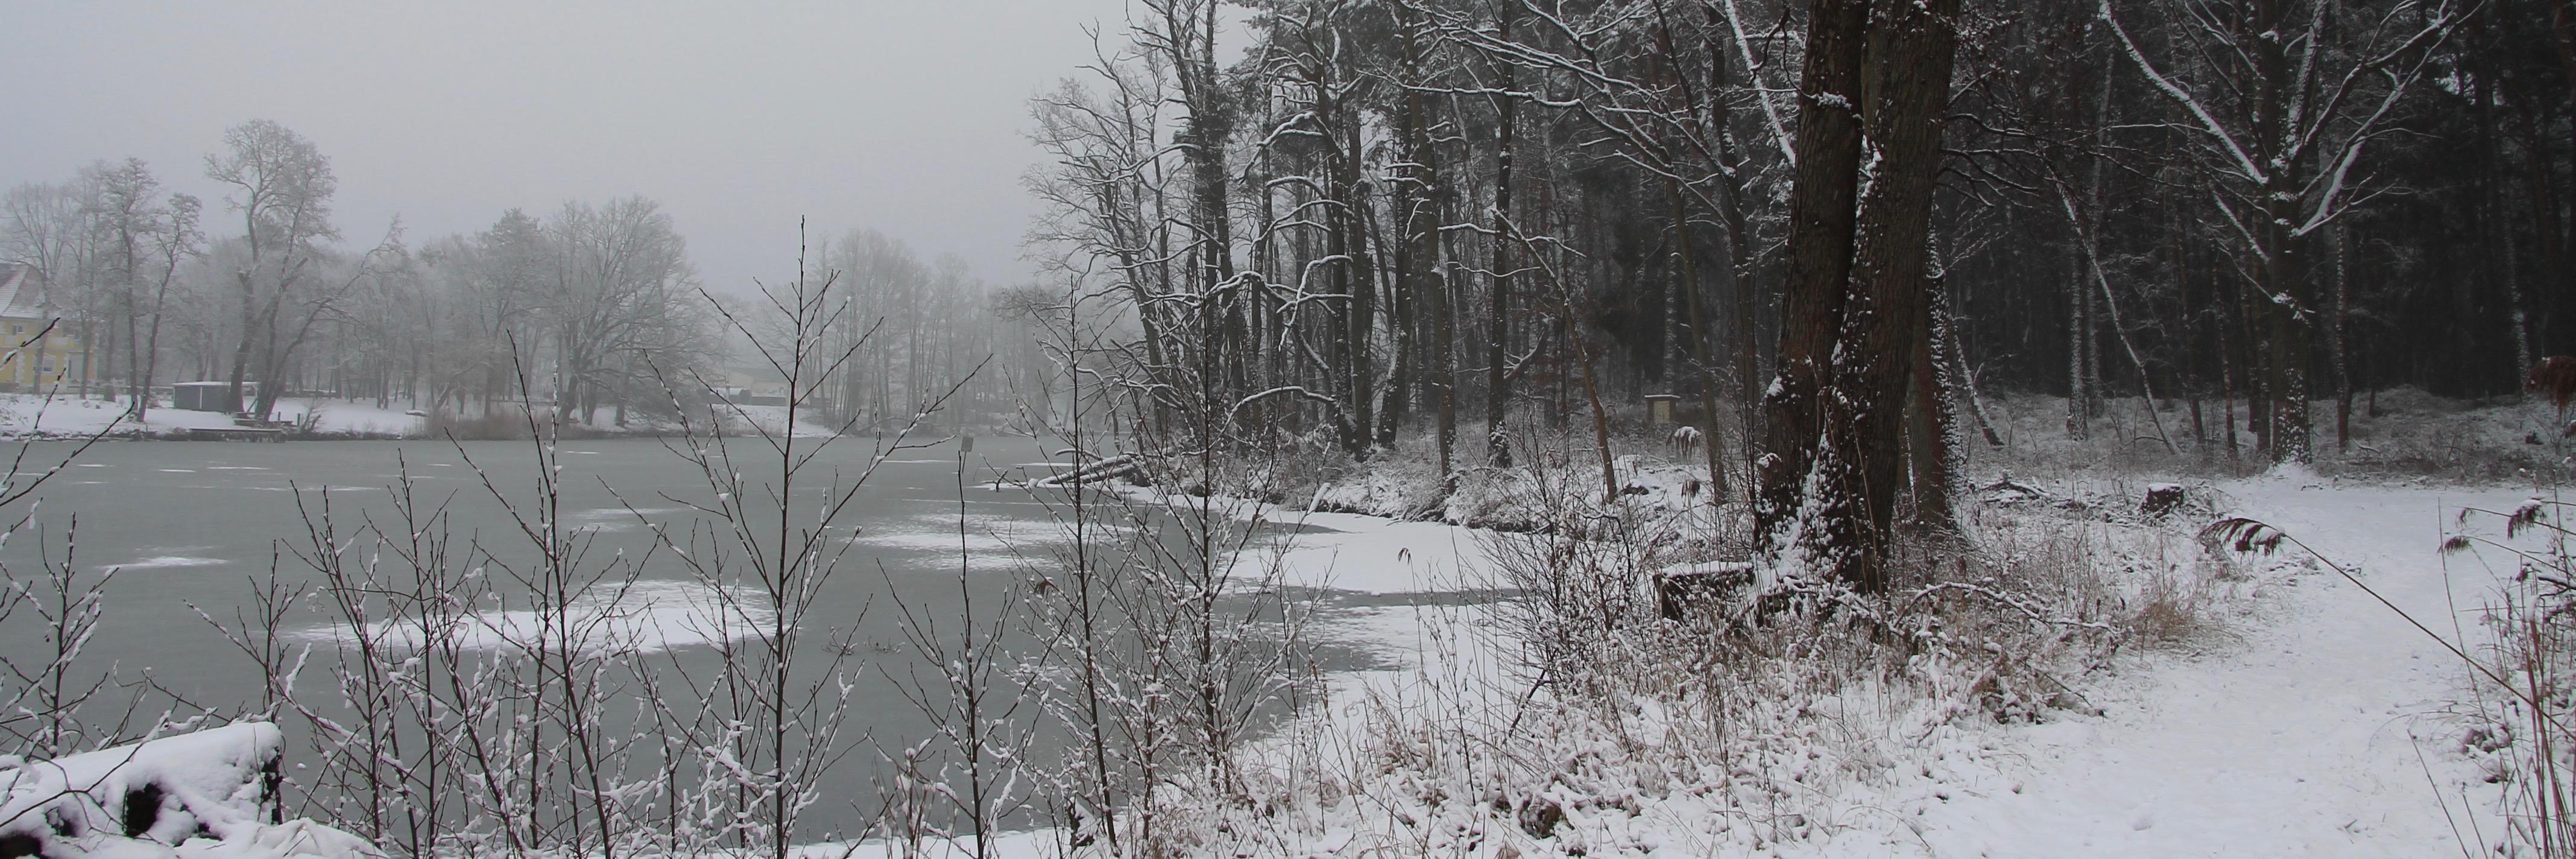 180301 Klietz Winter 19402